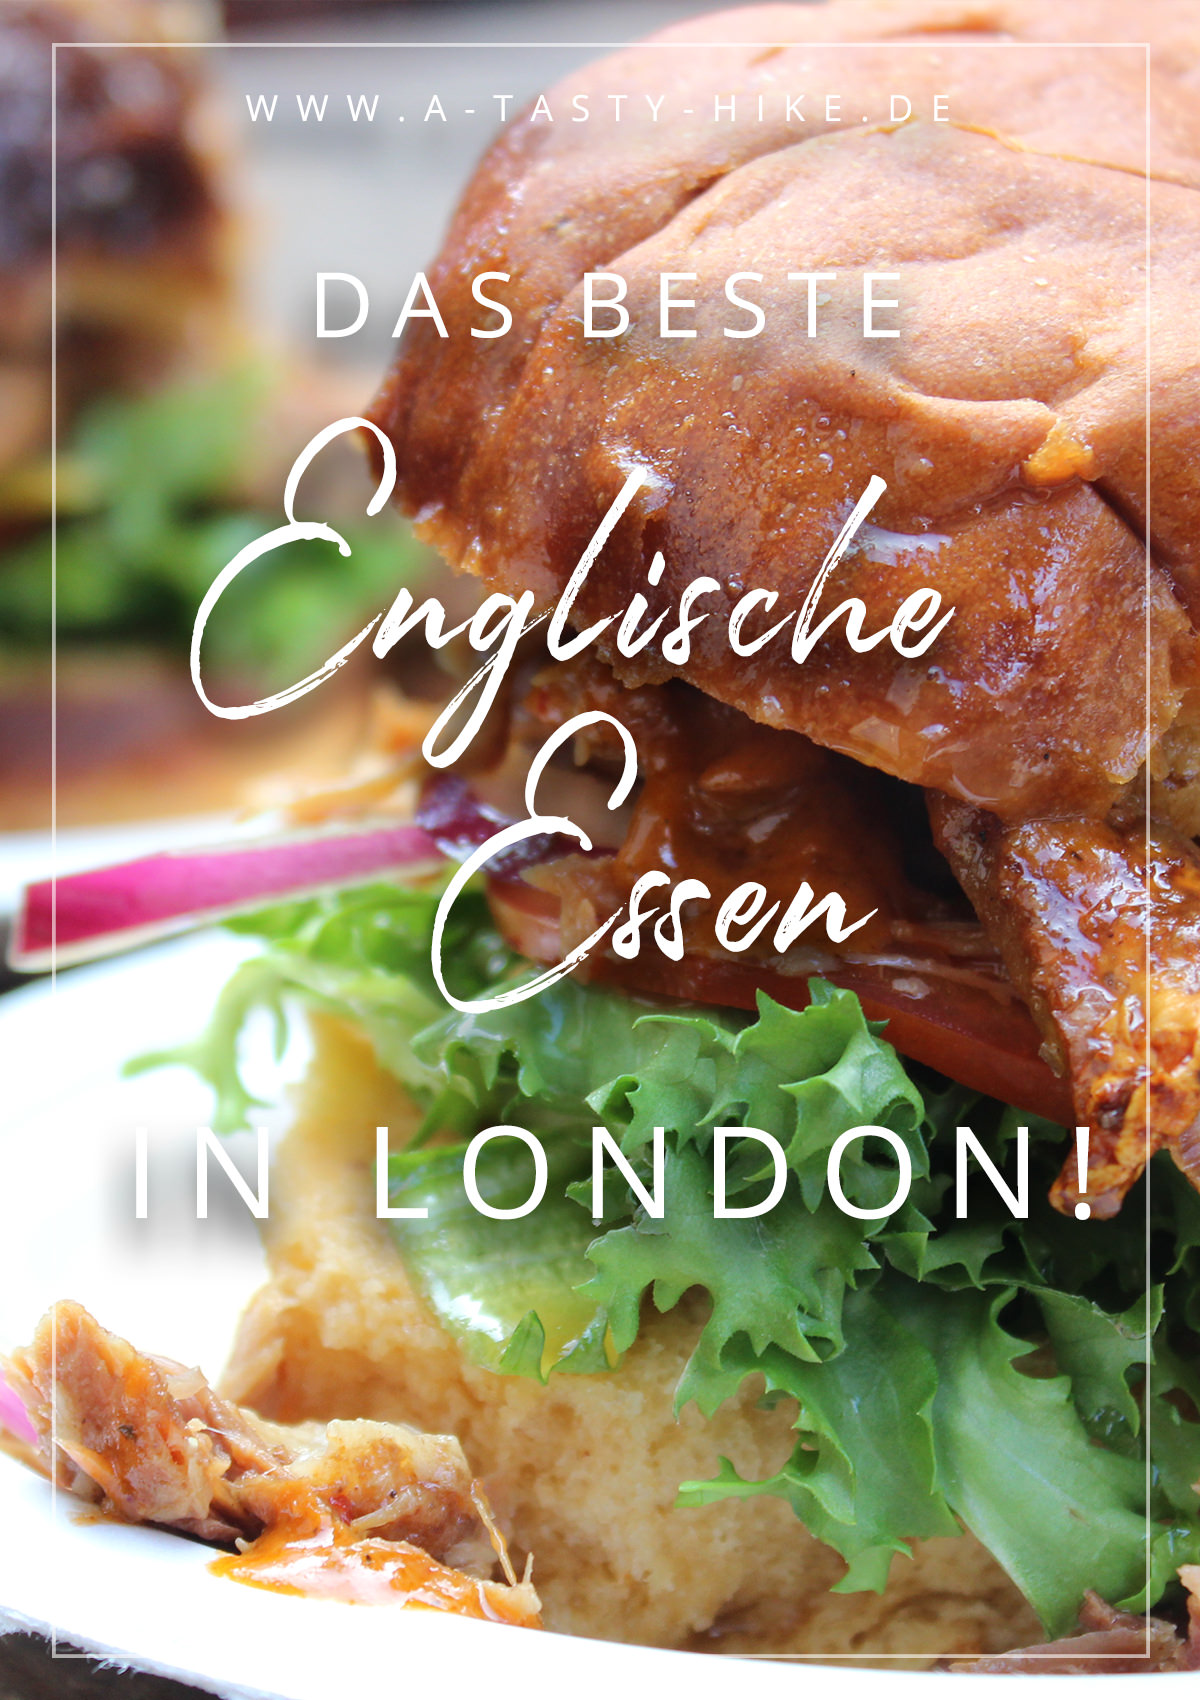 Essen in London - Wetten, dass auch du englisches Essen lieben wirst?